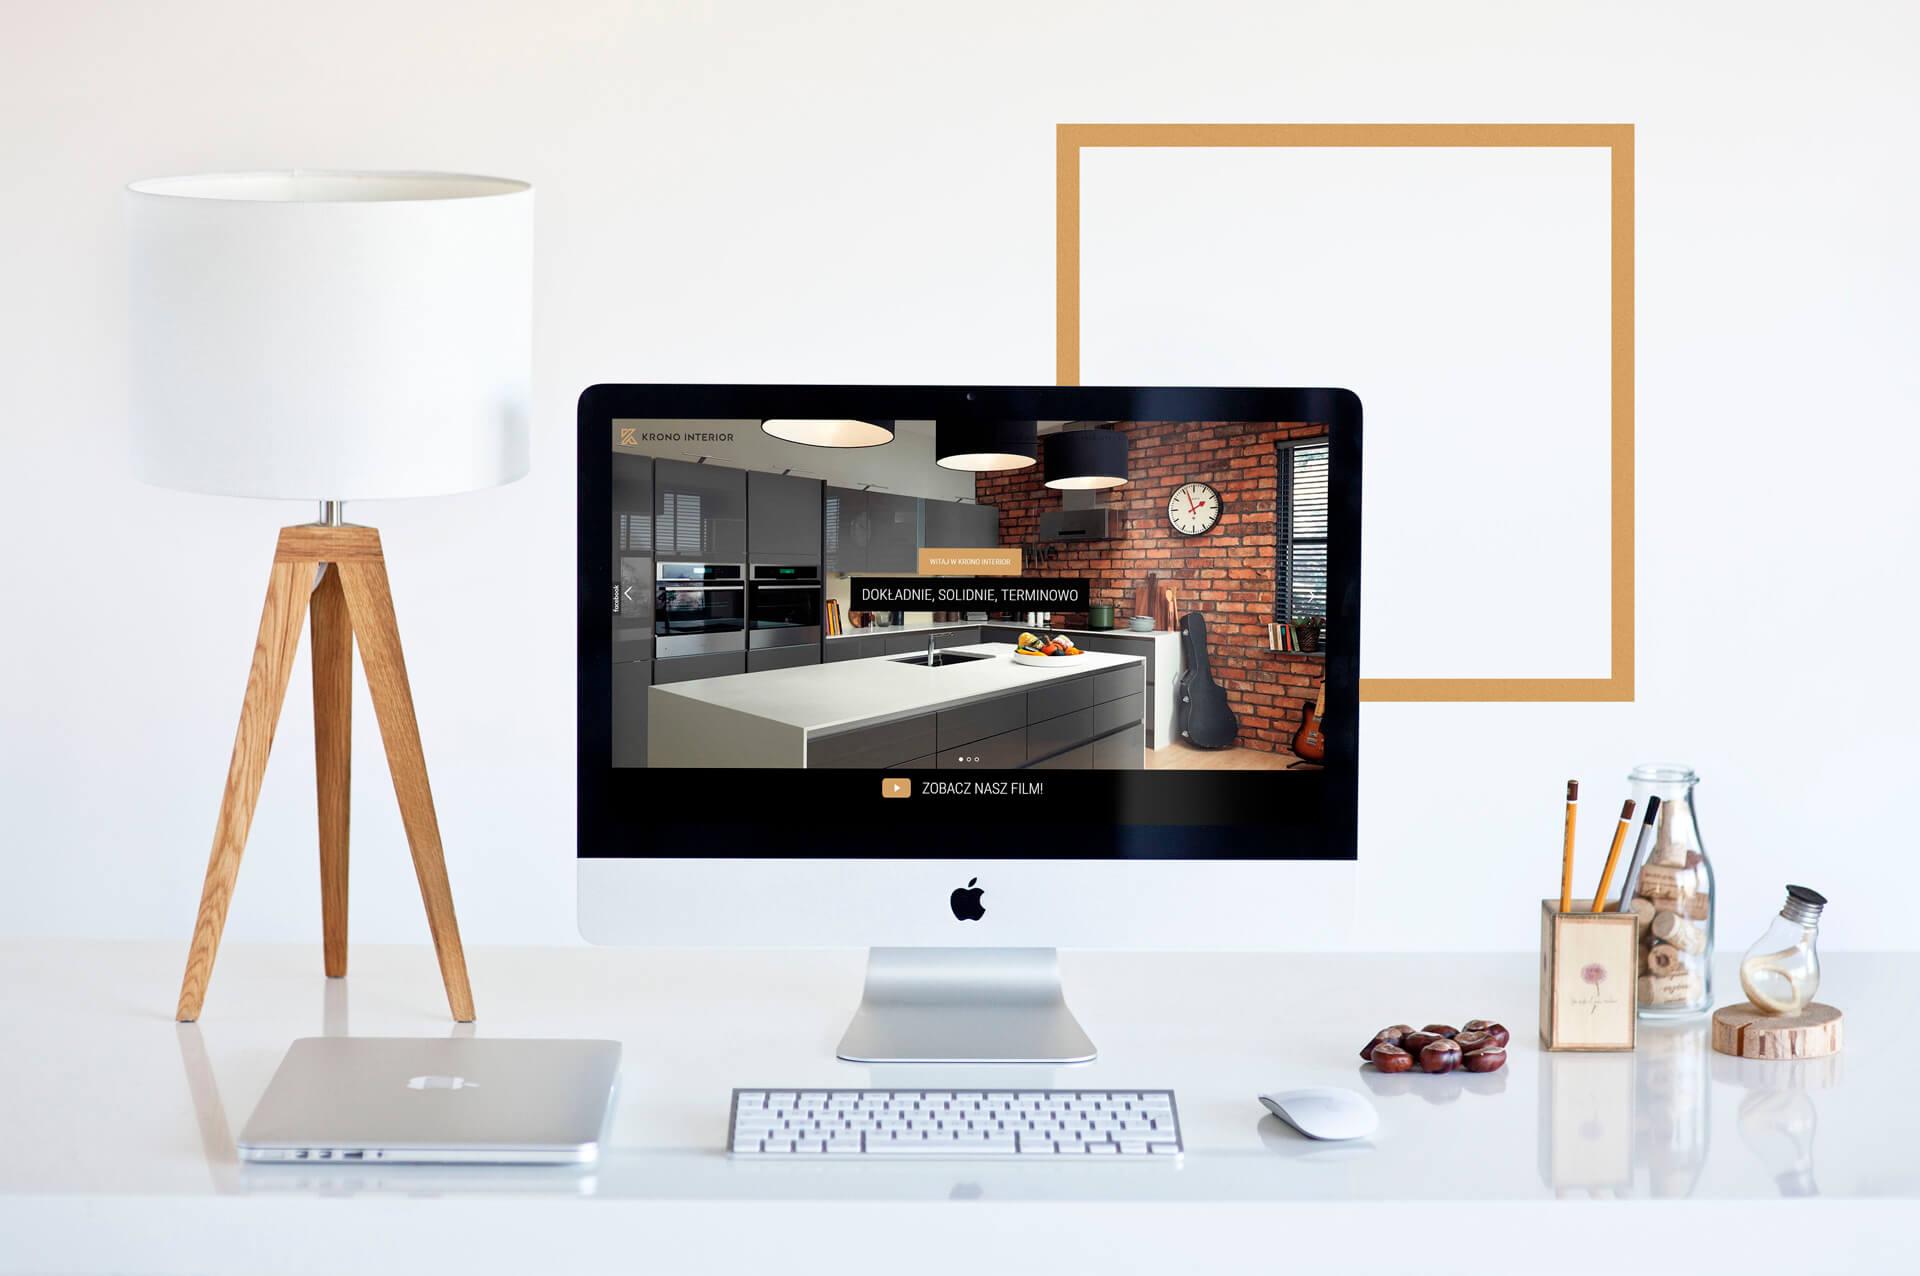 Prezentacja strony internetowej dla firmy zajmującej się projektowaniem wnętrz